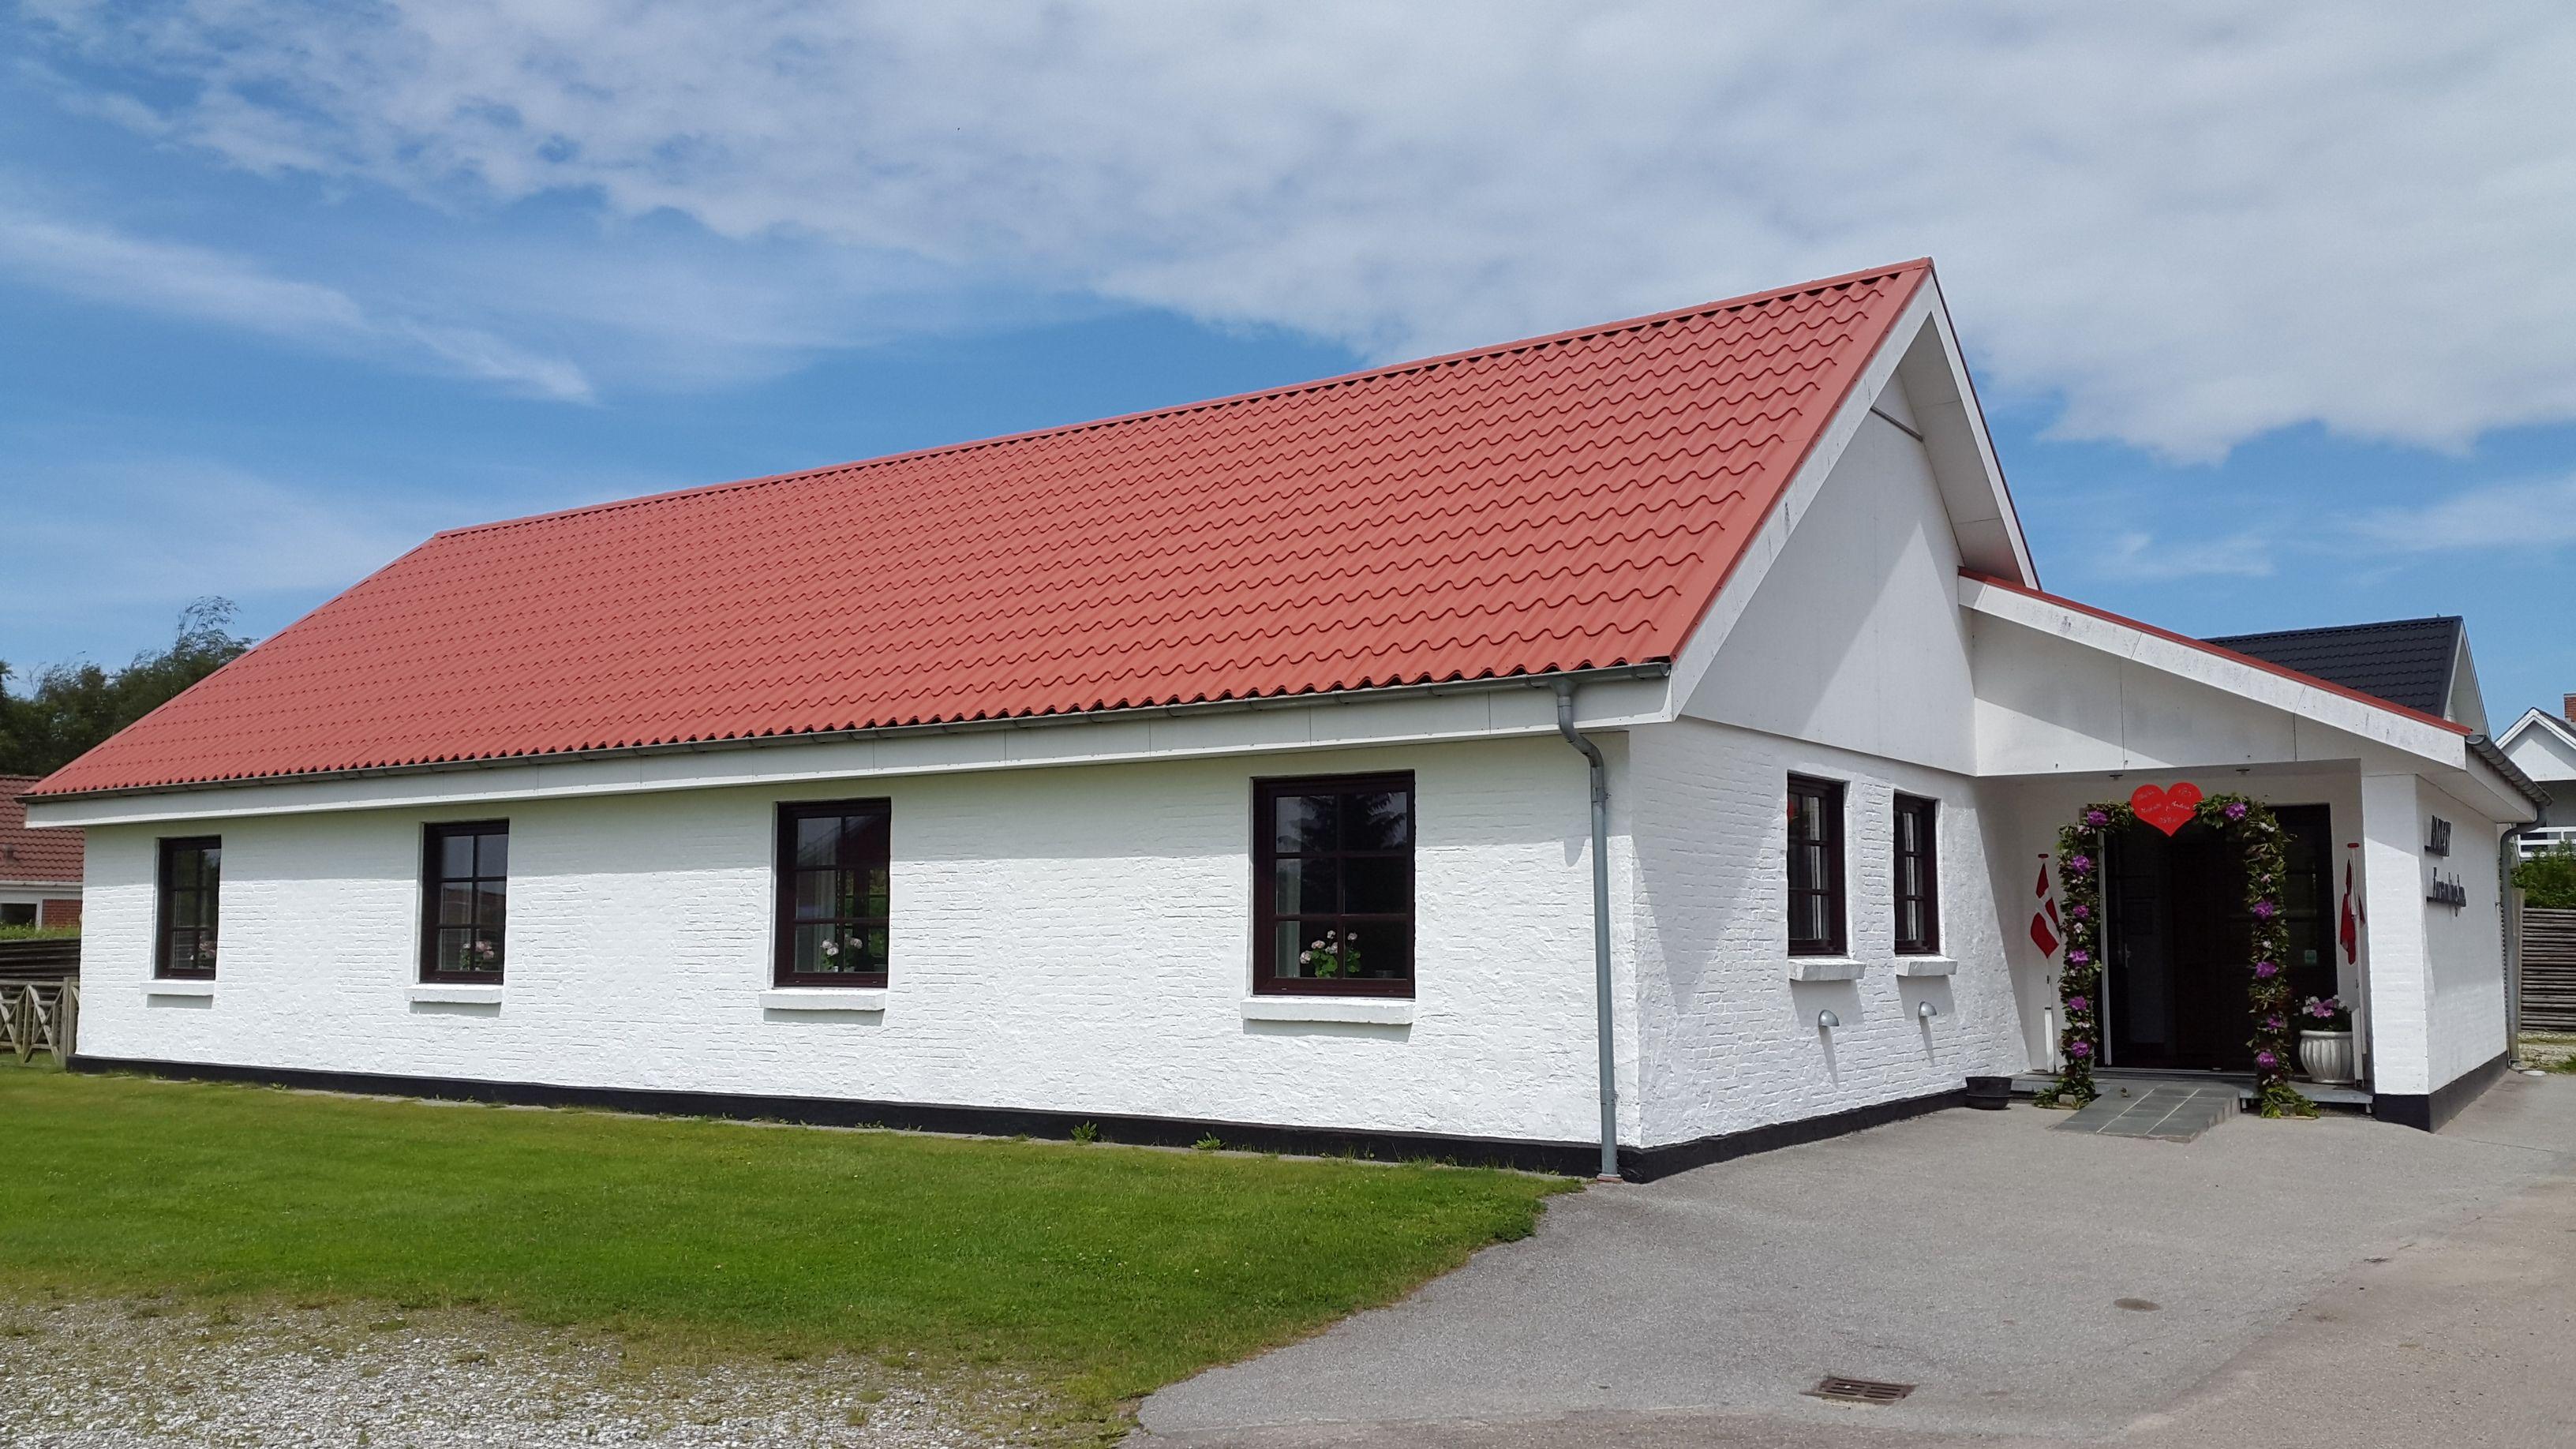 Rakkeby Forsamlingshus